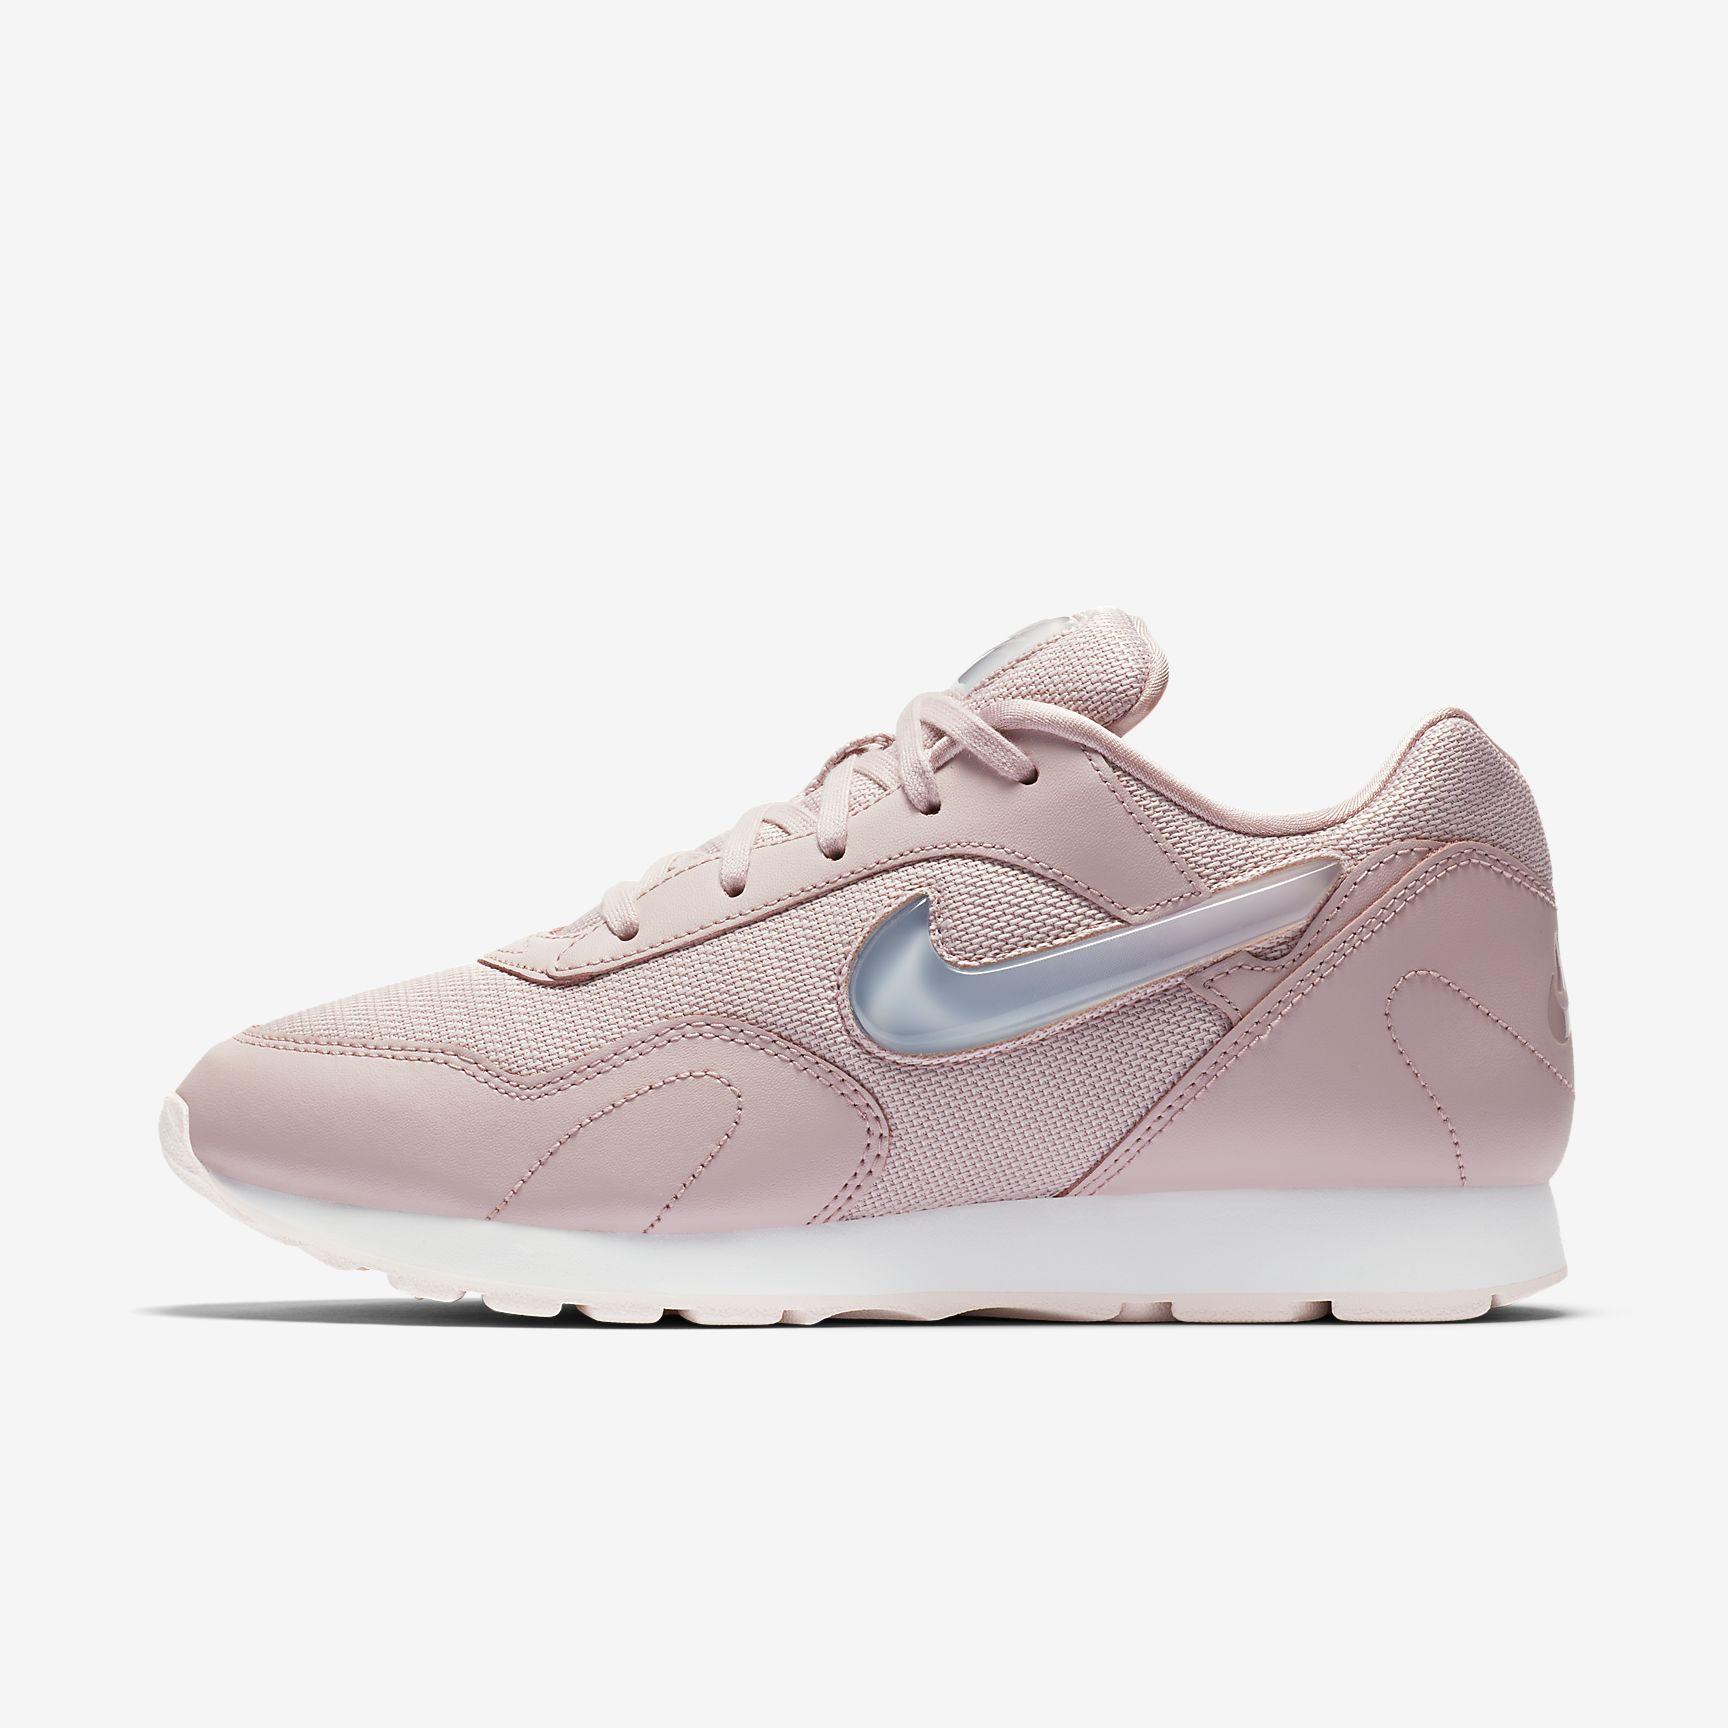 Nike Outburst Premium